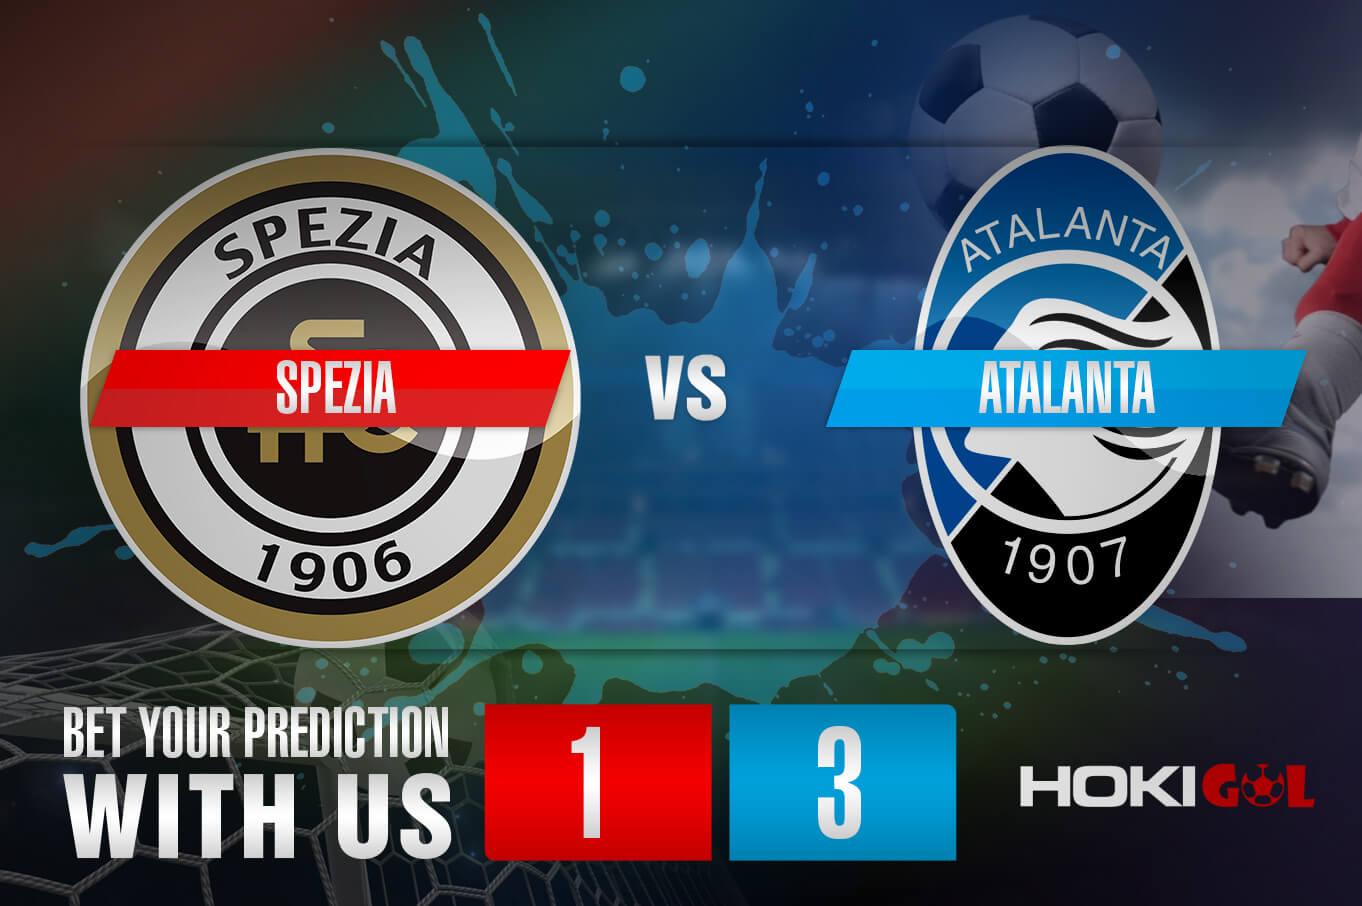 Prediksi Bola Spezia Vs Atalanta 22 November 2020